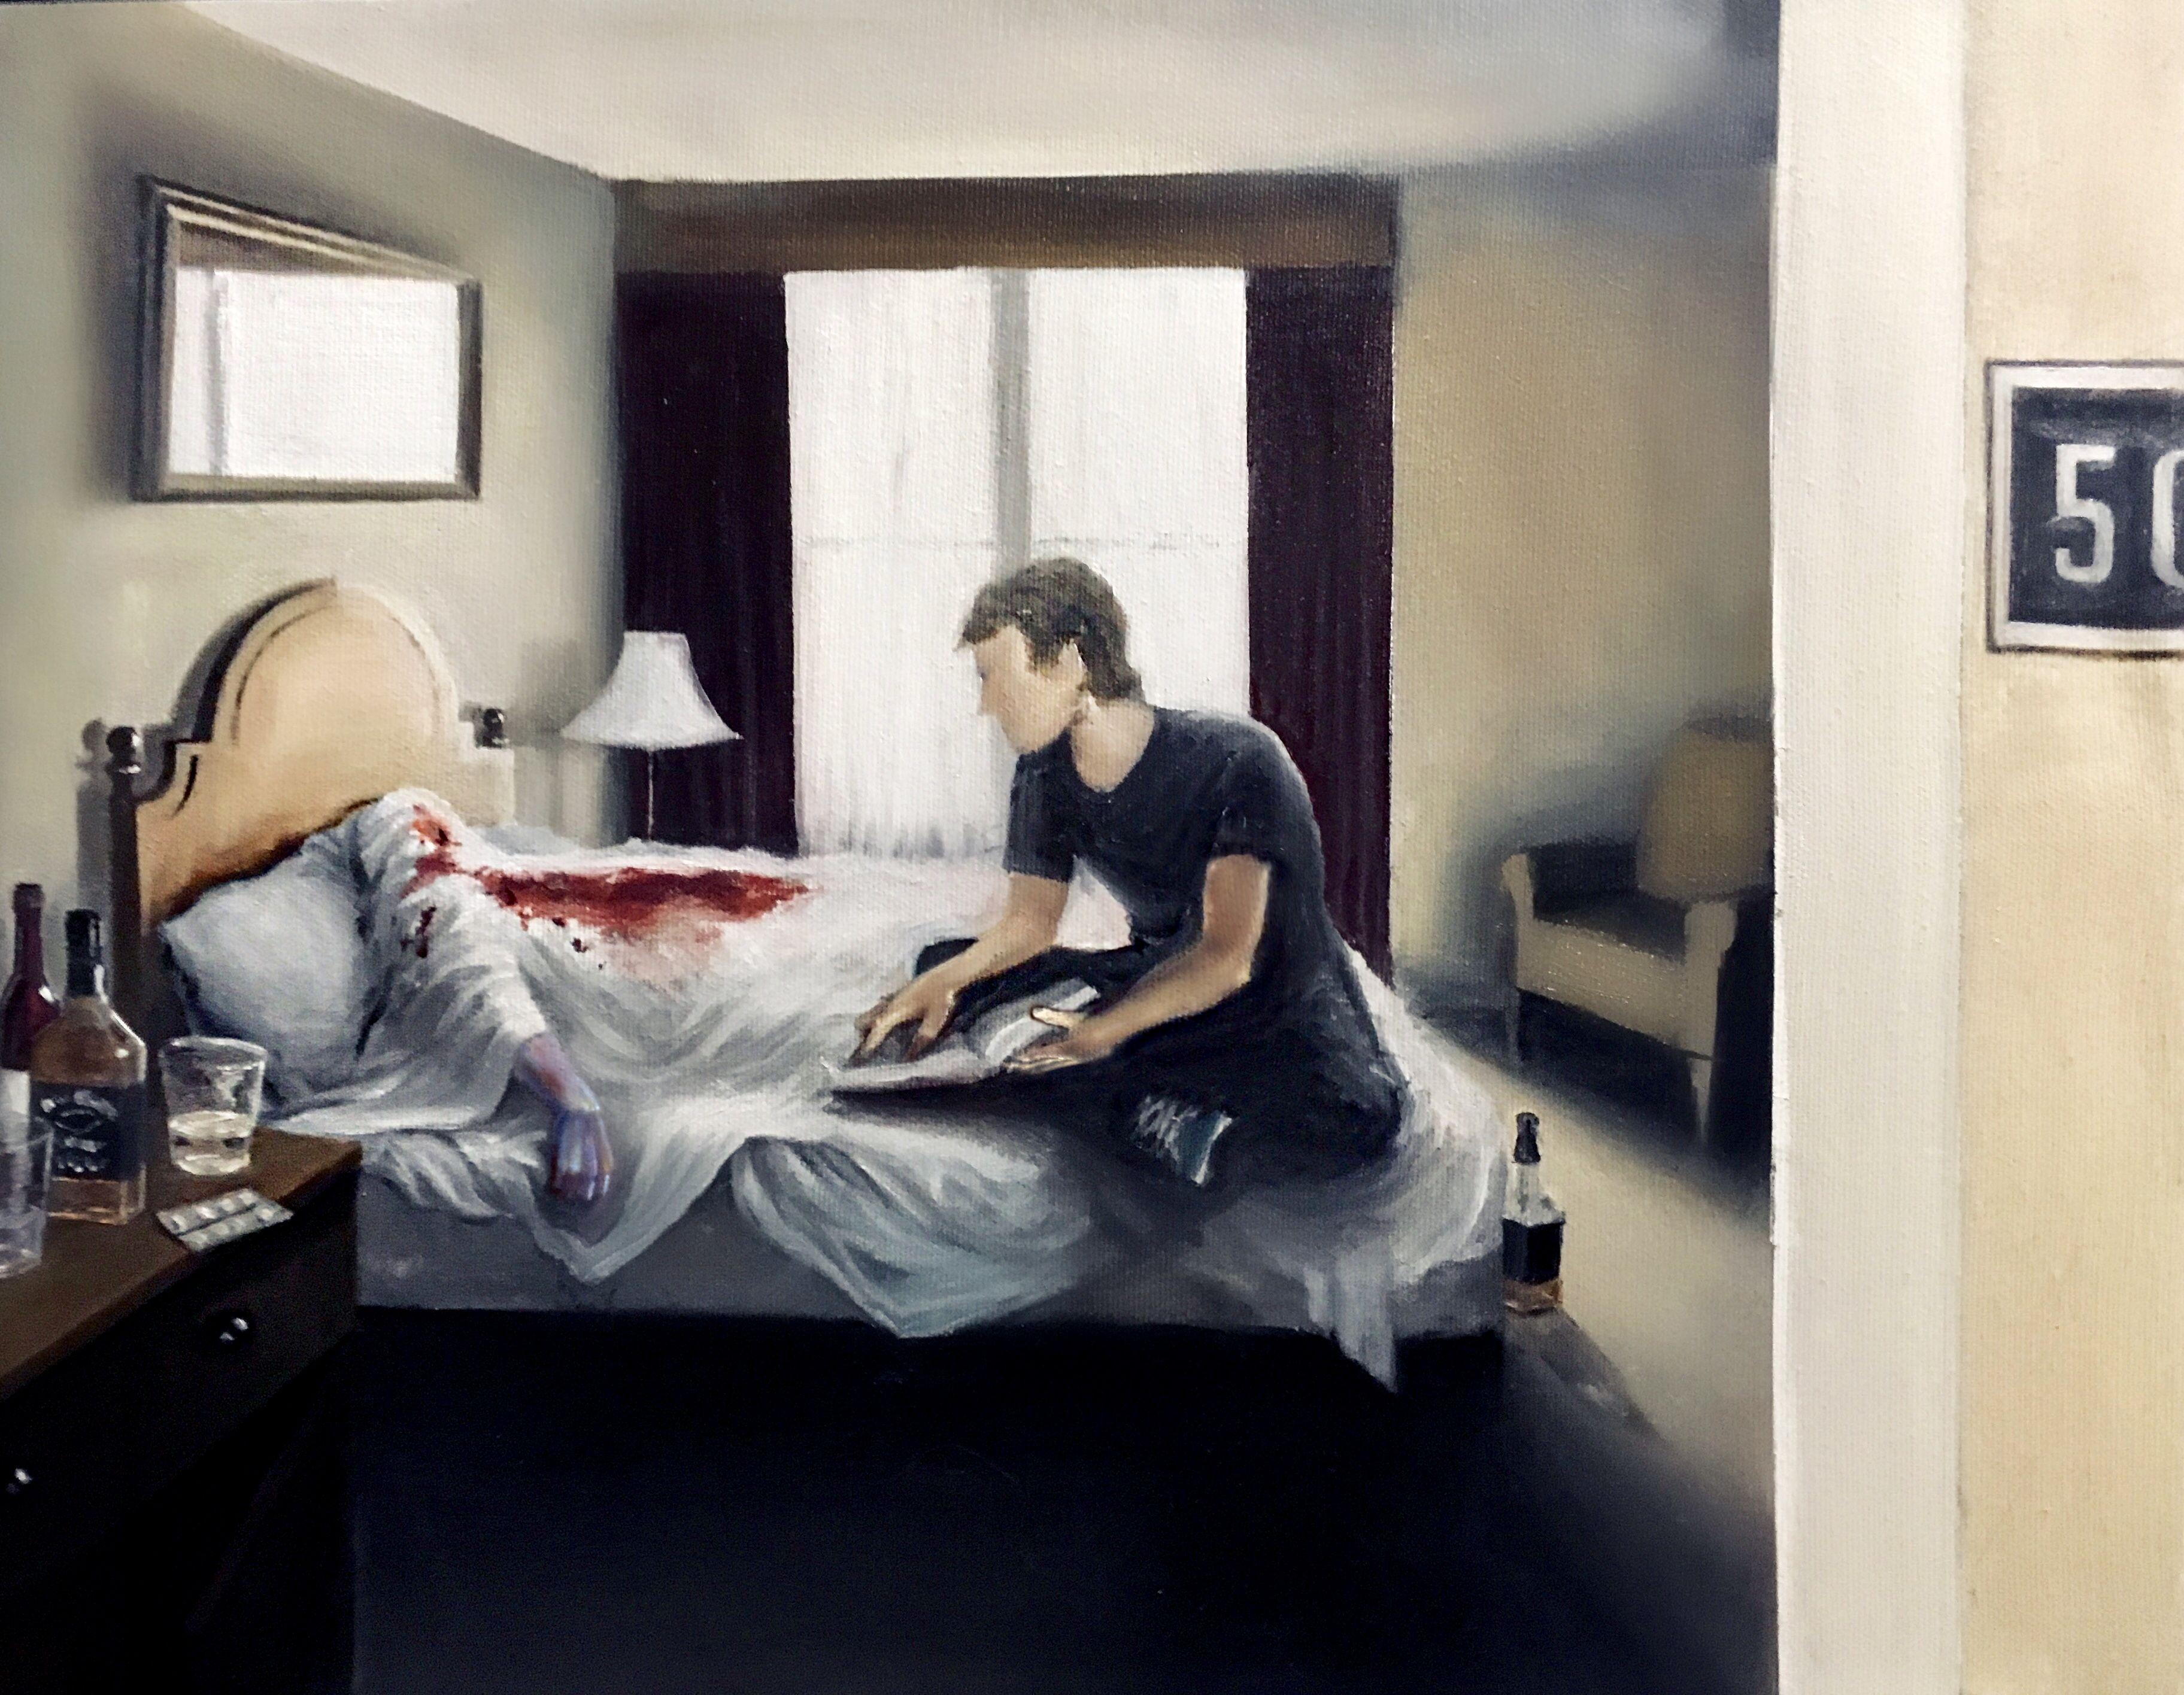 graphic image | Dahmer | Jeffrey dahmer, Serial killers